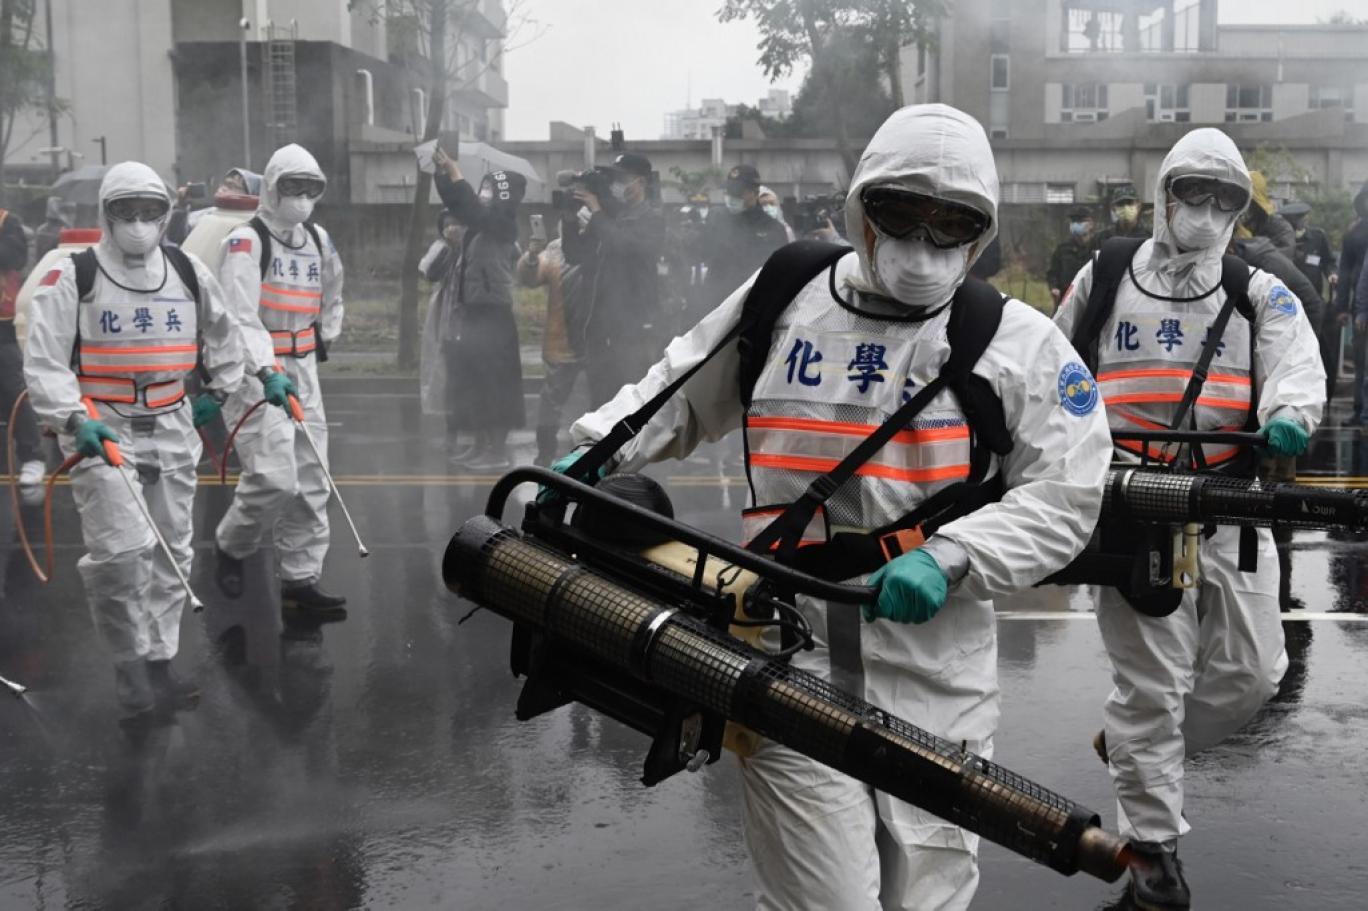 تايوان تسجل أول حالة وفاة بفيروس كورونا منذ مايو الماضى